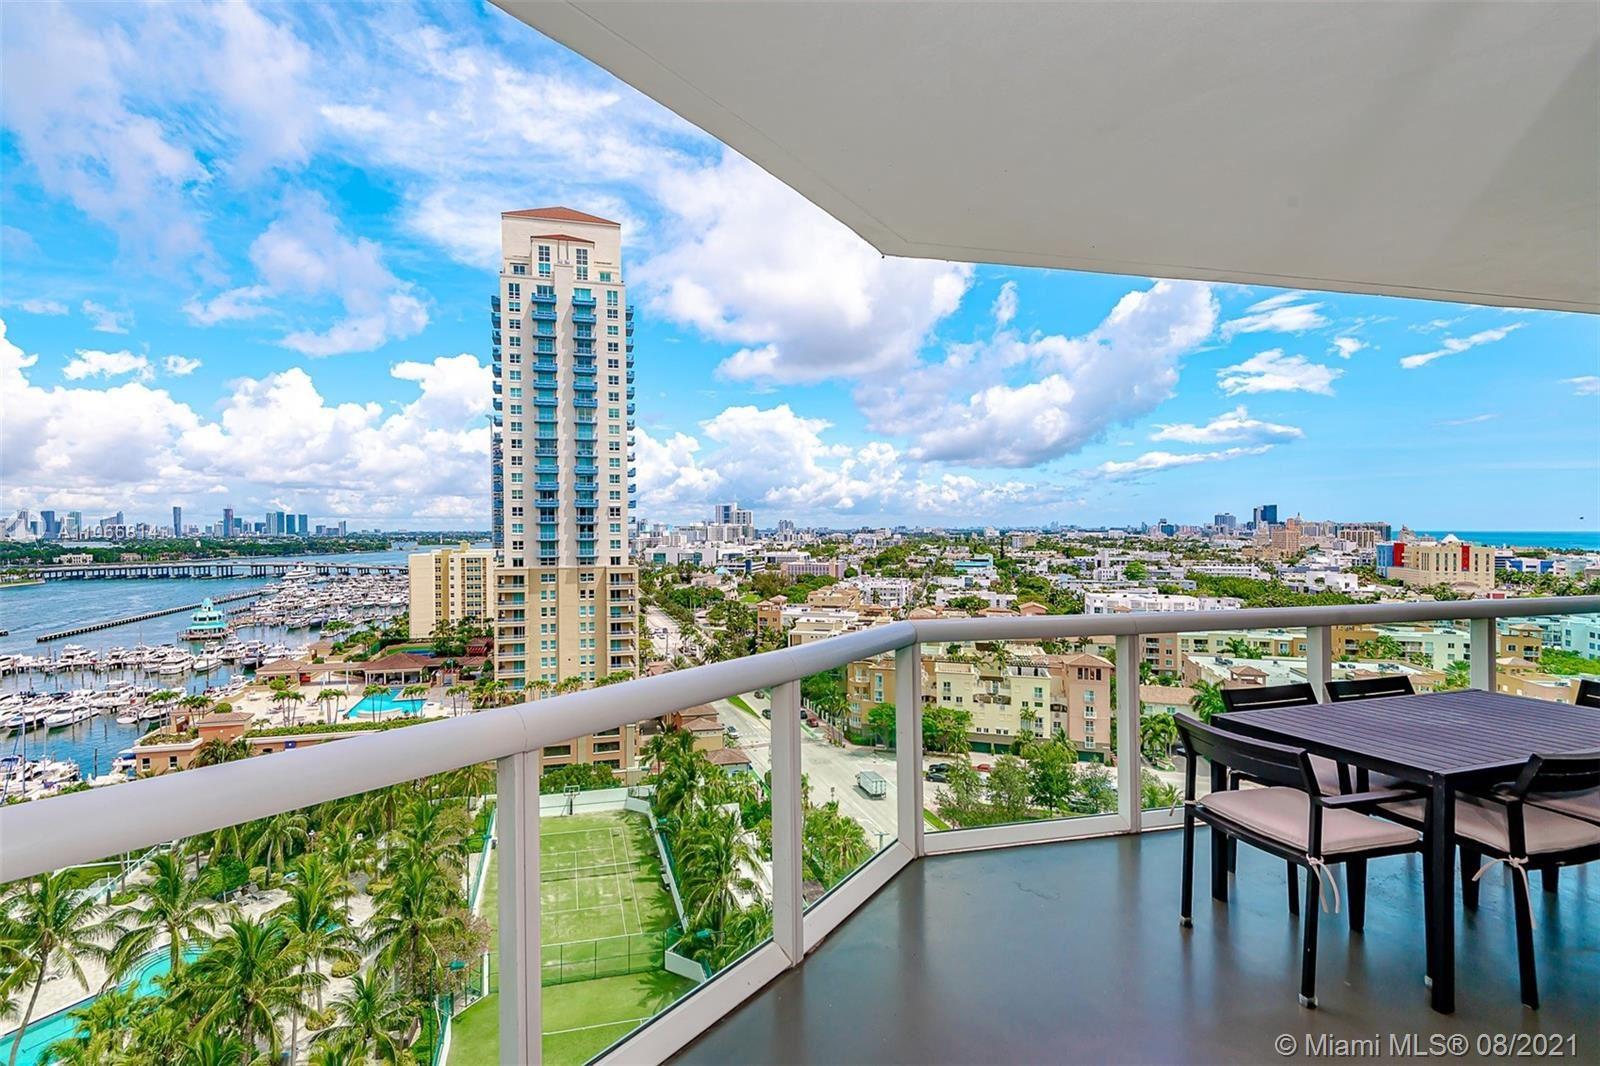 1000 S Pointe Dr #1508, Miami Beach, FL 33139 - #: A11066814